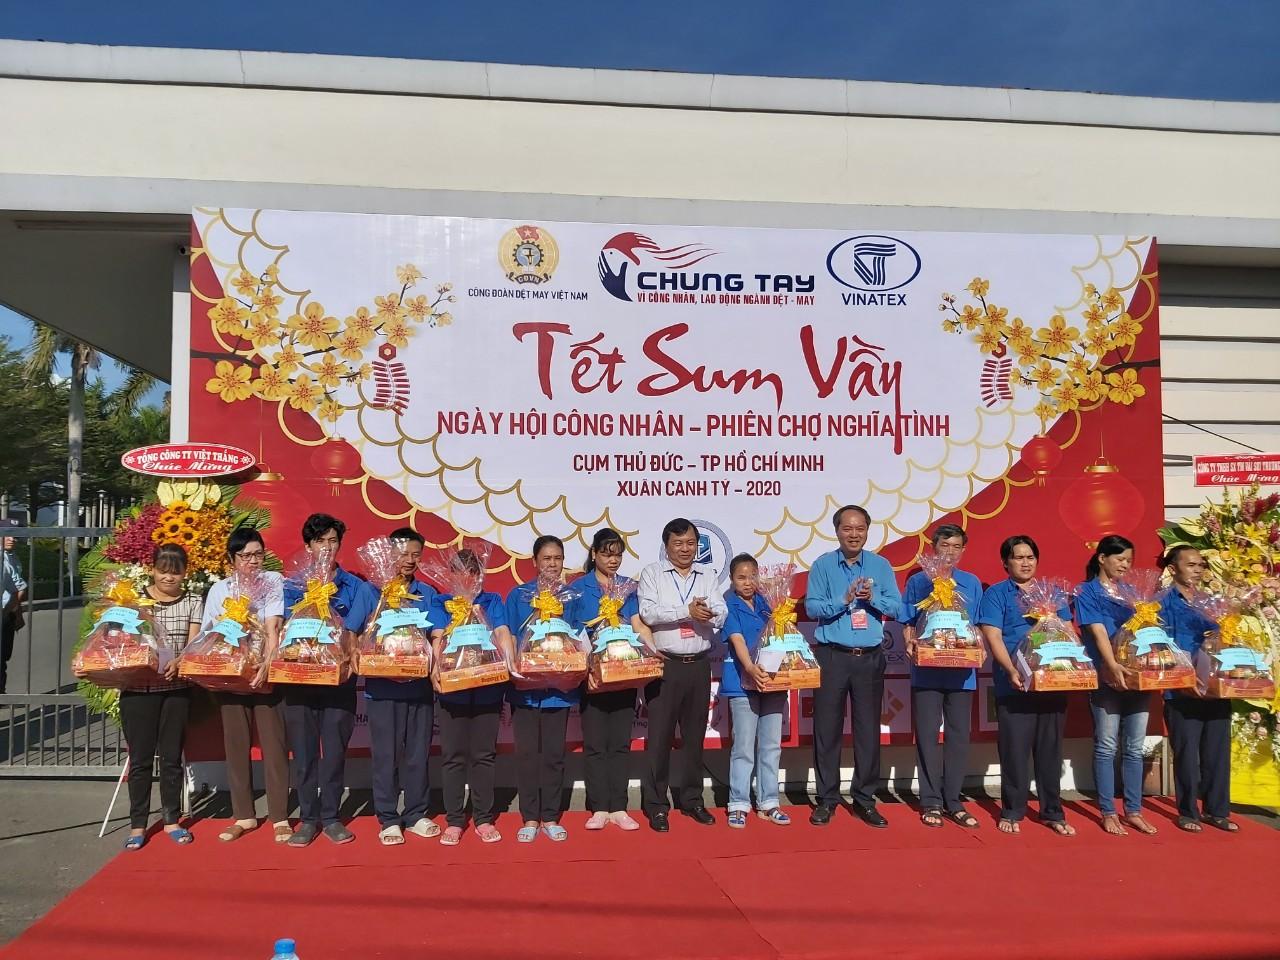 """Chương trình """"Tết sum vầy - Ngày hội công nhân – Phiên chợ nghĩa tình"""" được tổ chức tại TP. HCM"""